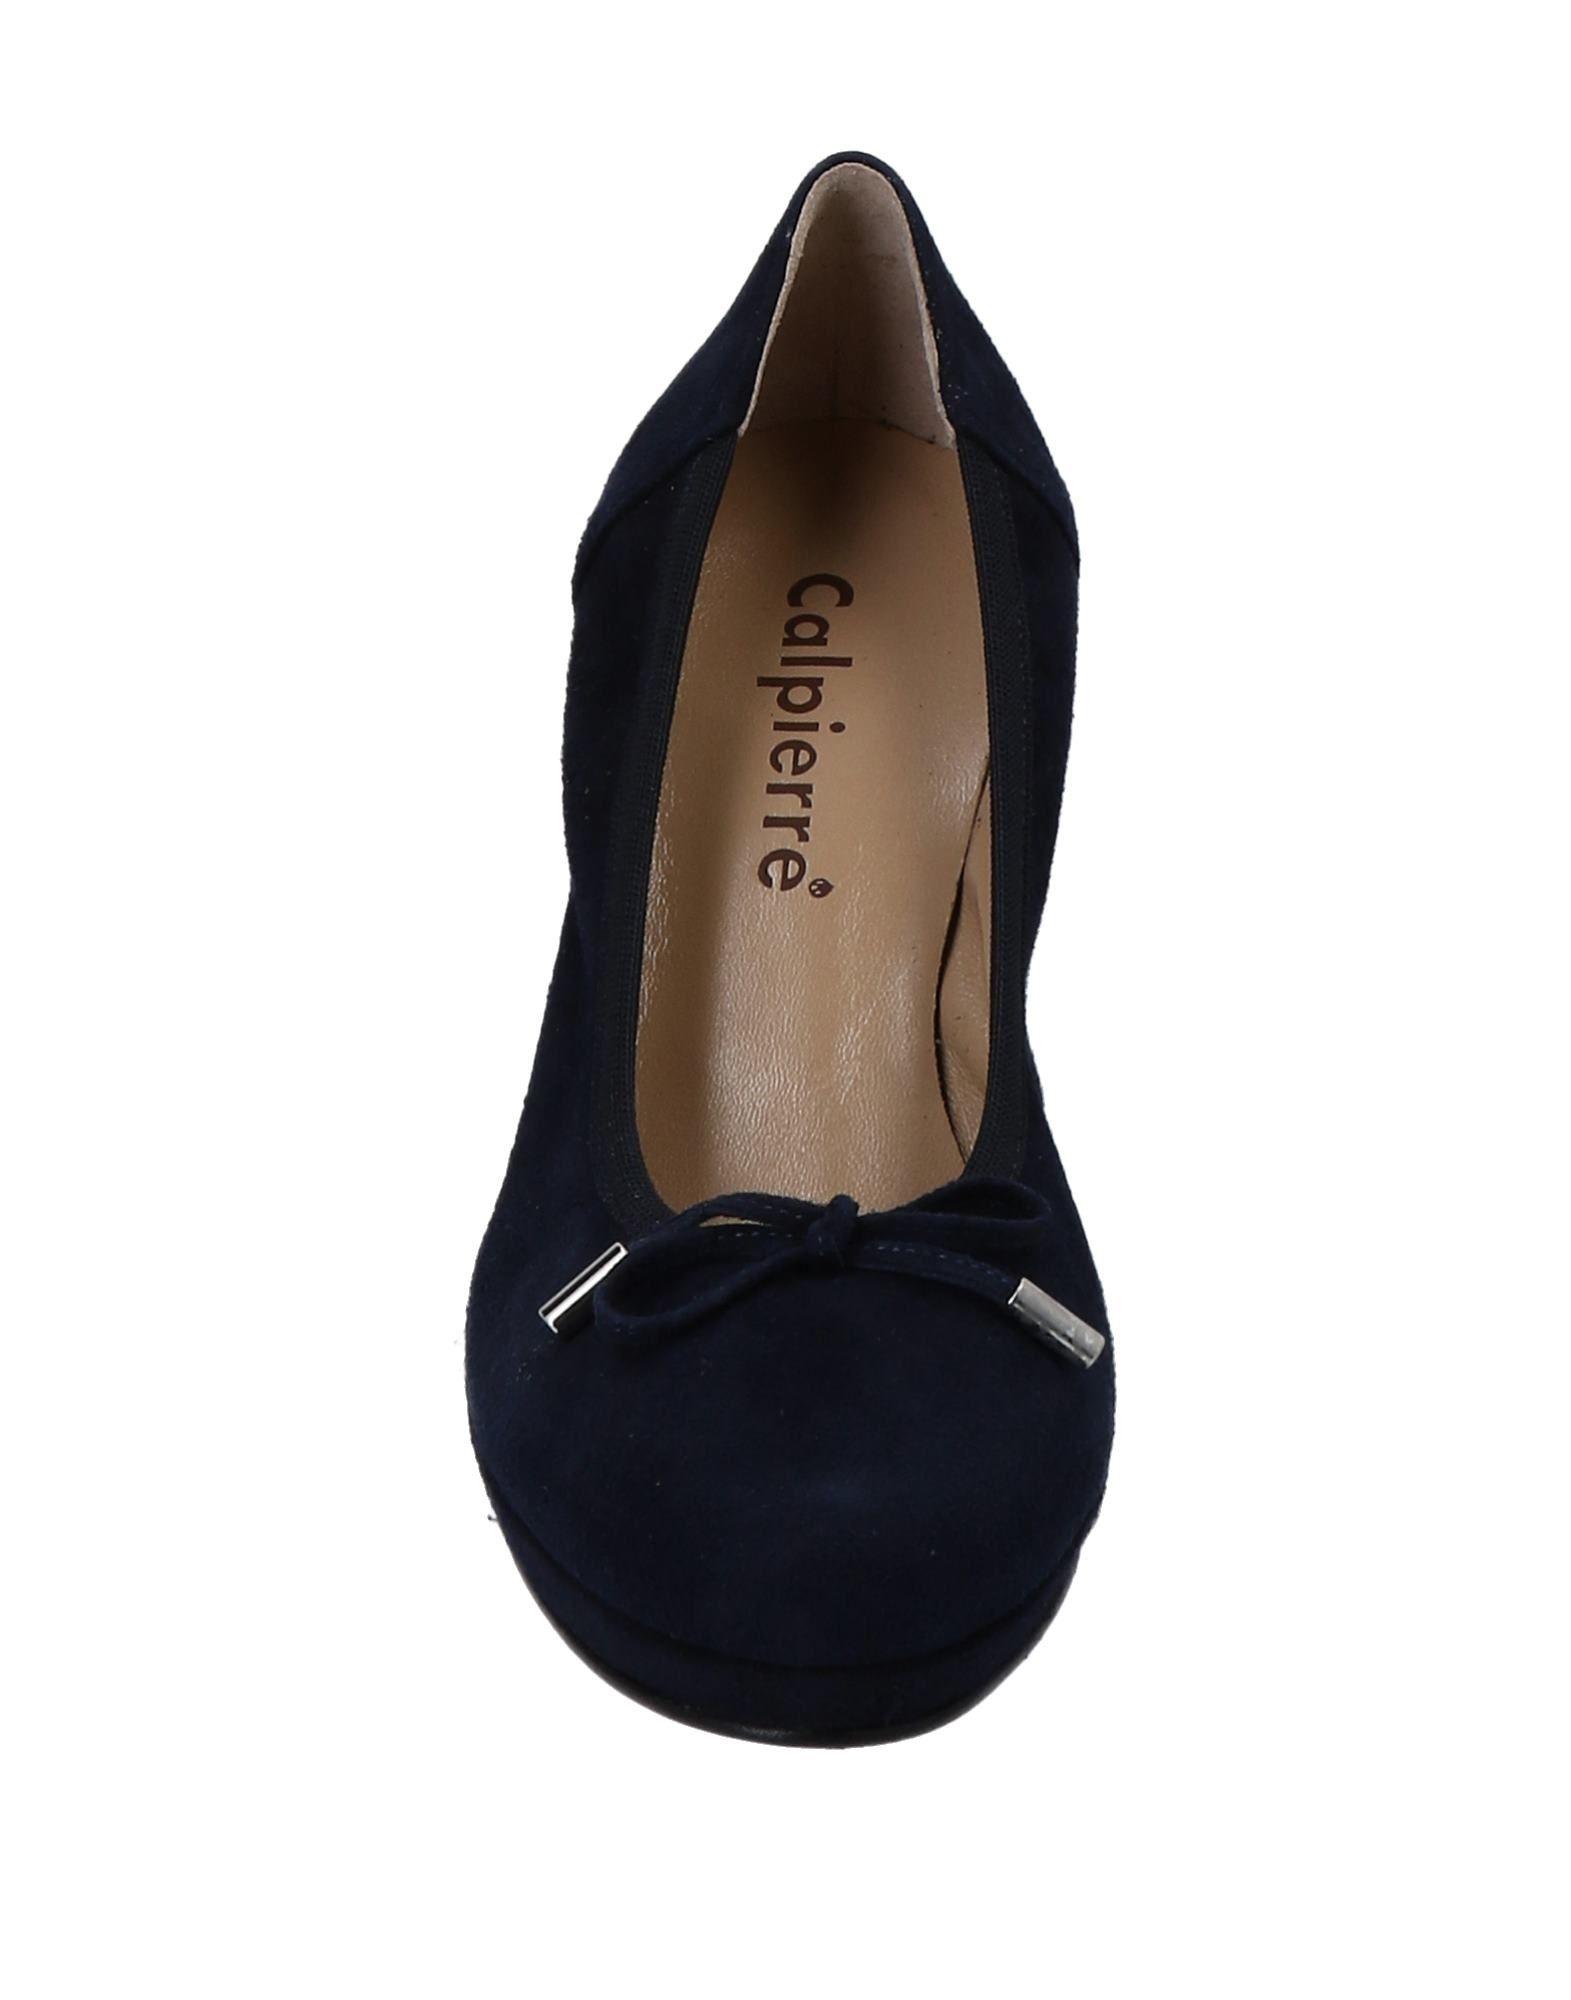 Calpierre Gute Pumps Damen  11551355HW Gute Calpierre Qualität beliebte Schuhe 433d3d